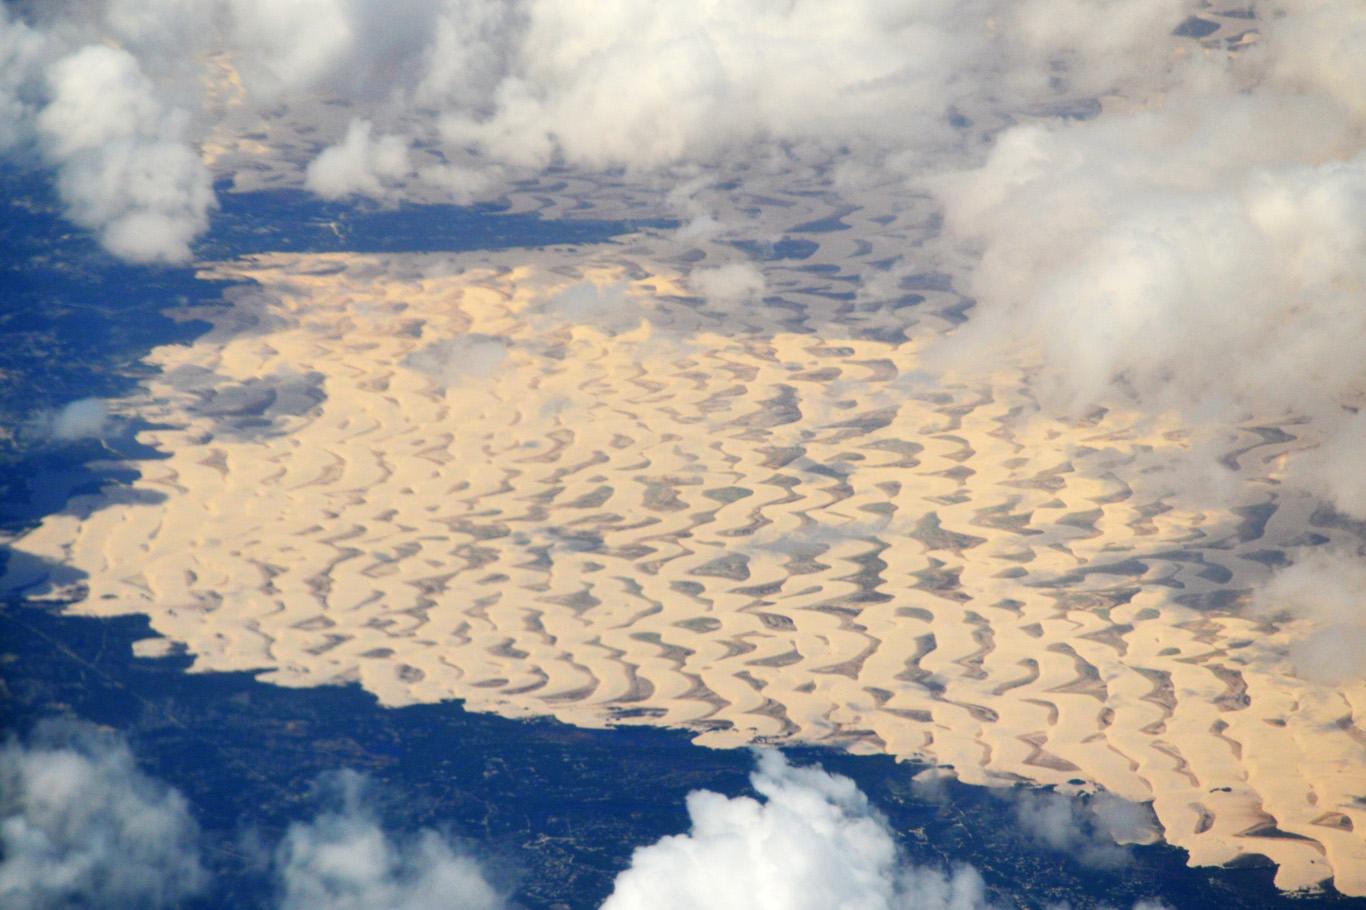 Aerial view of Lencois Maranhenses